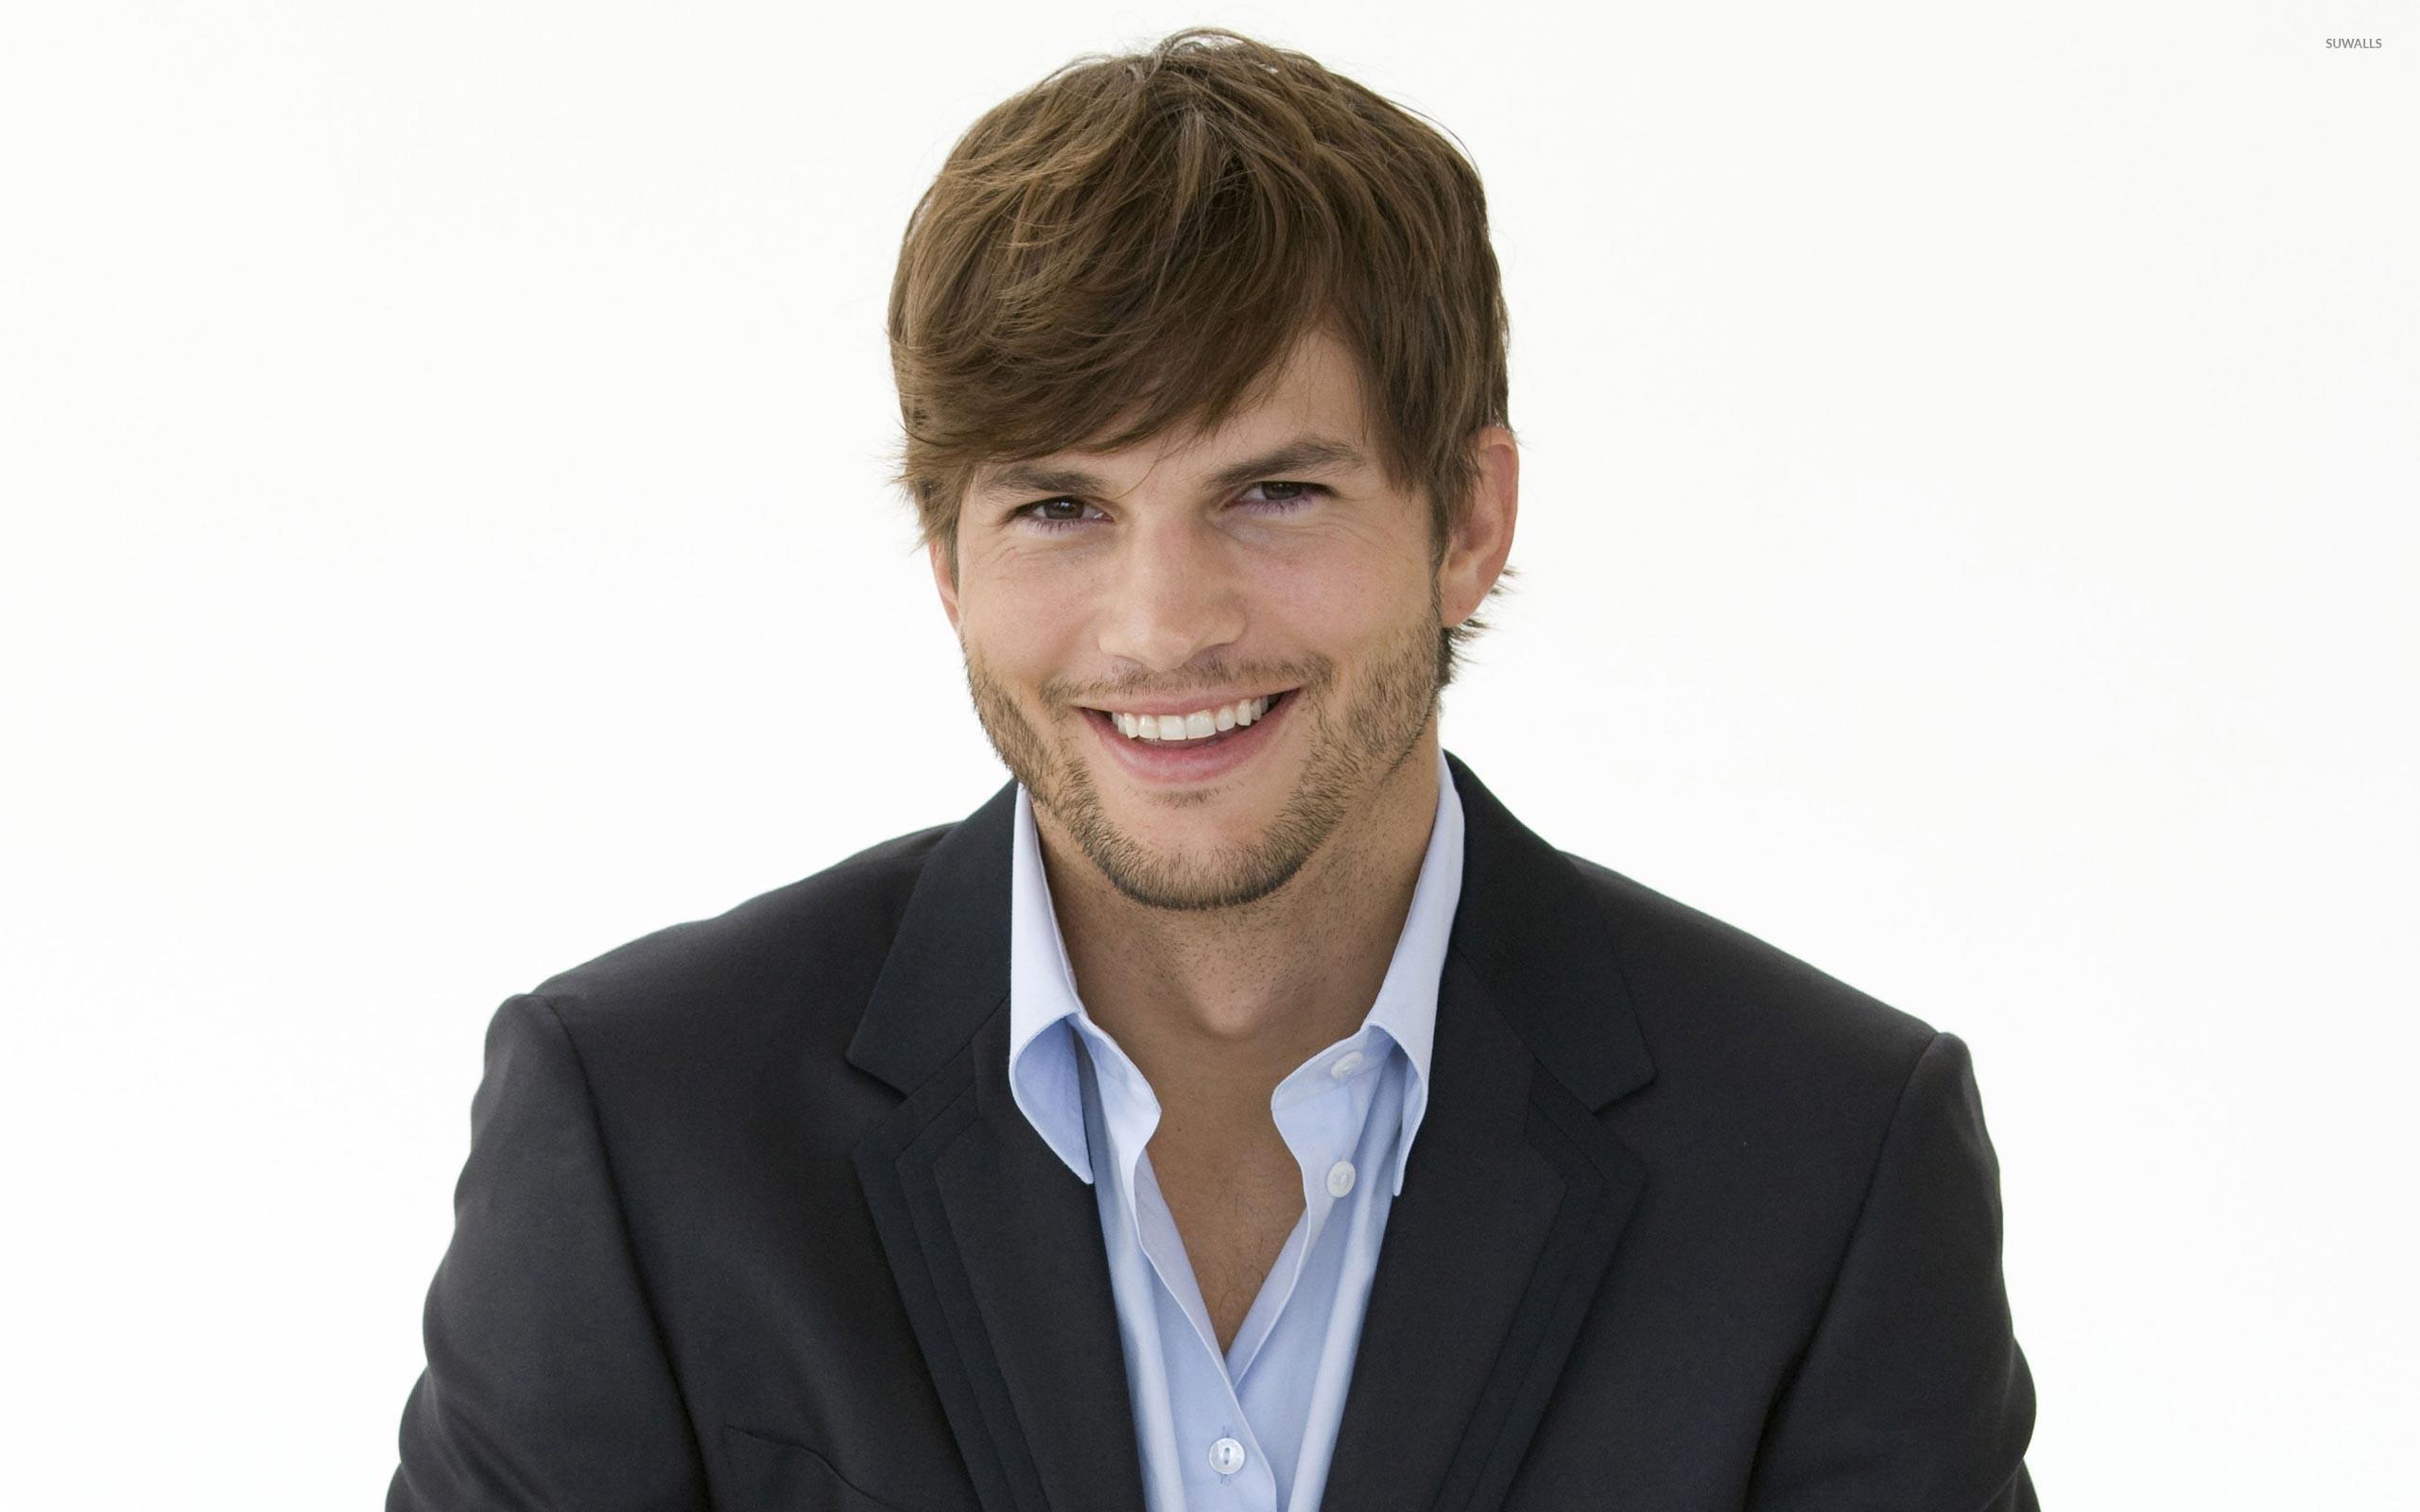 Ashton Kutcher Wallpaper 12   2560 X 1600 stmednet 2560x1600